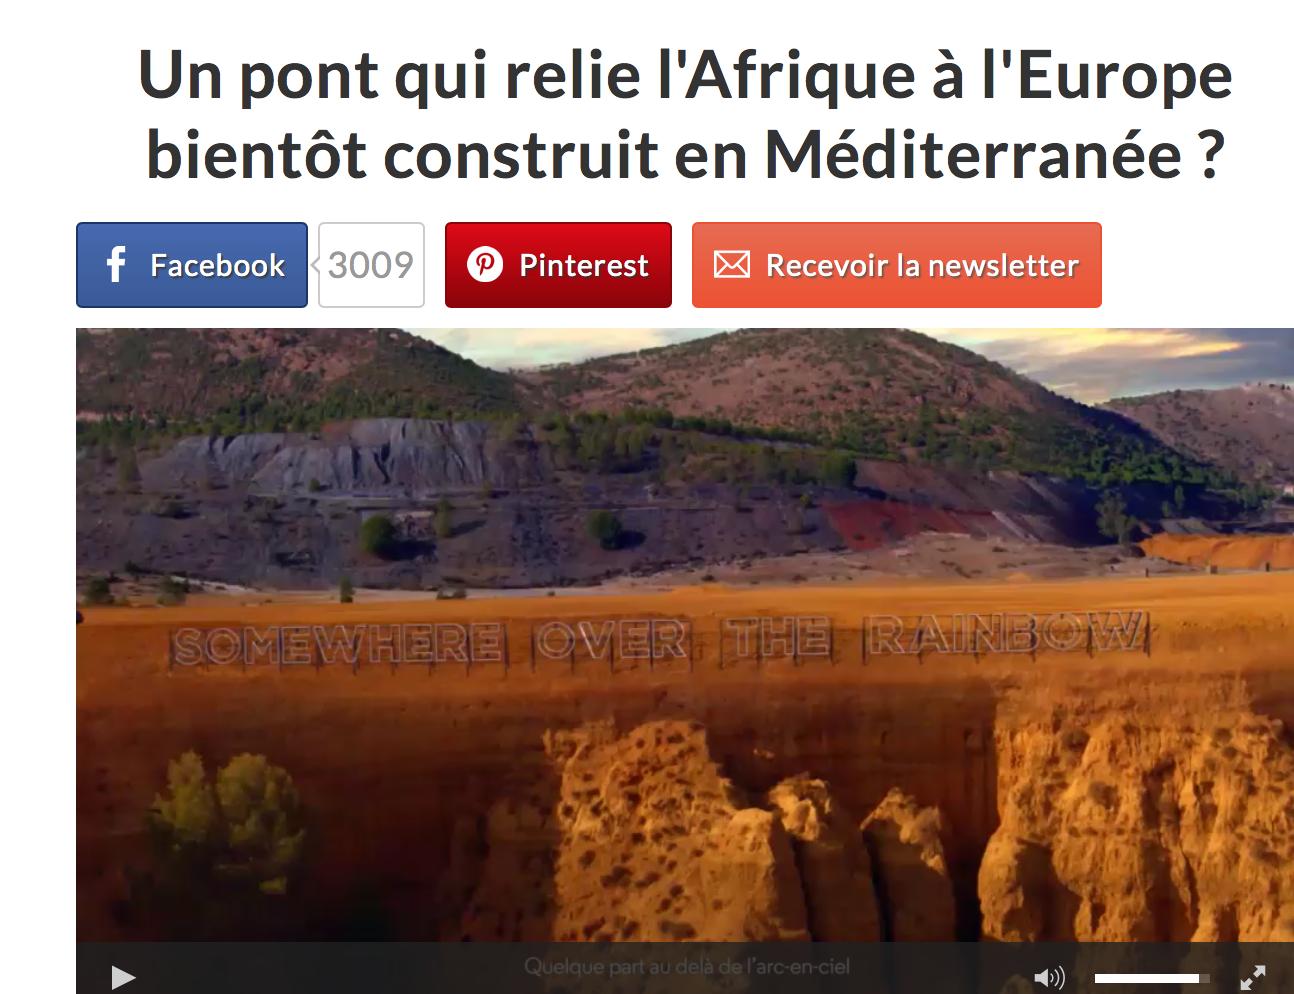 Etes-vous prêts à payer 230 milliards d'euros pour un pont entre l'Afrique et l'Europe ?